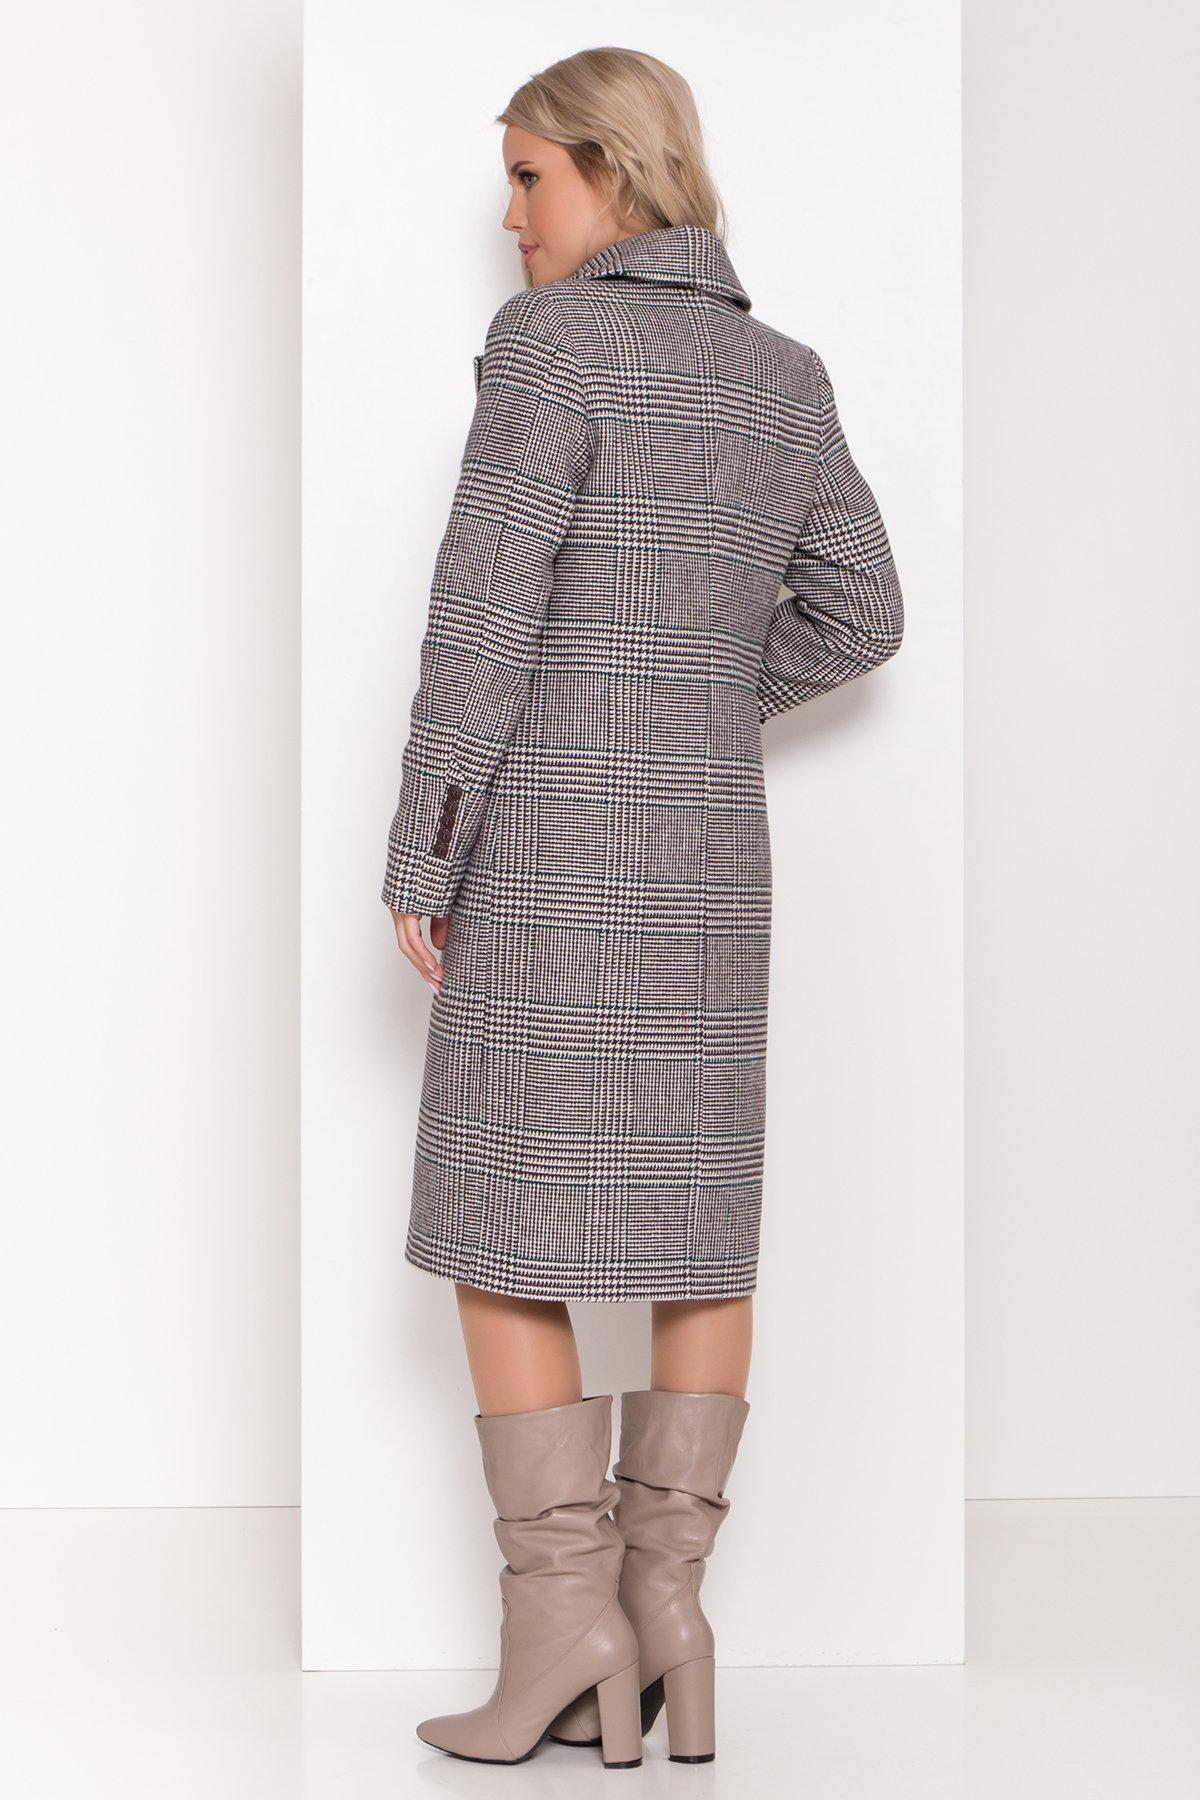 Пальто зима Эрли 8267 АРТ. 44346 Цвет: Клетка кр чер/мол/изумр - фото 4, интернет магазин tm-modus.ru